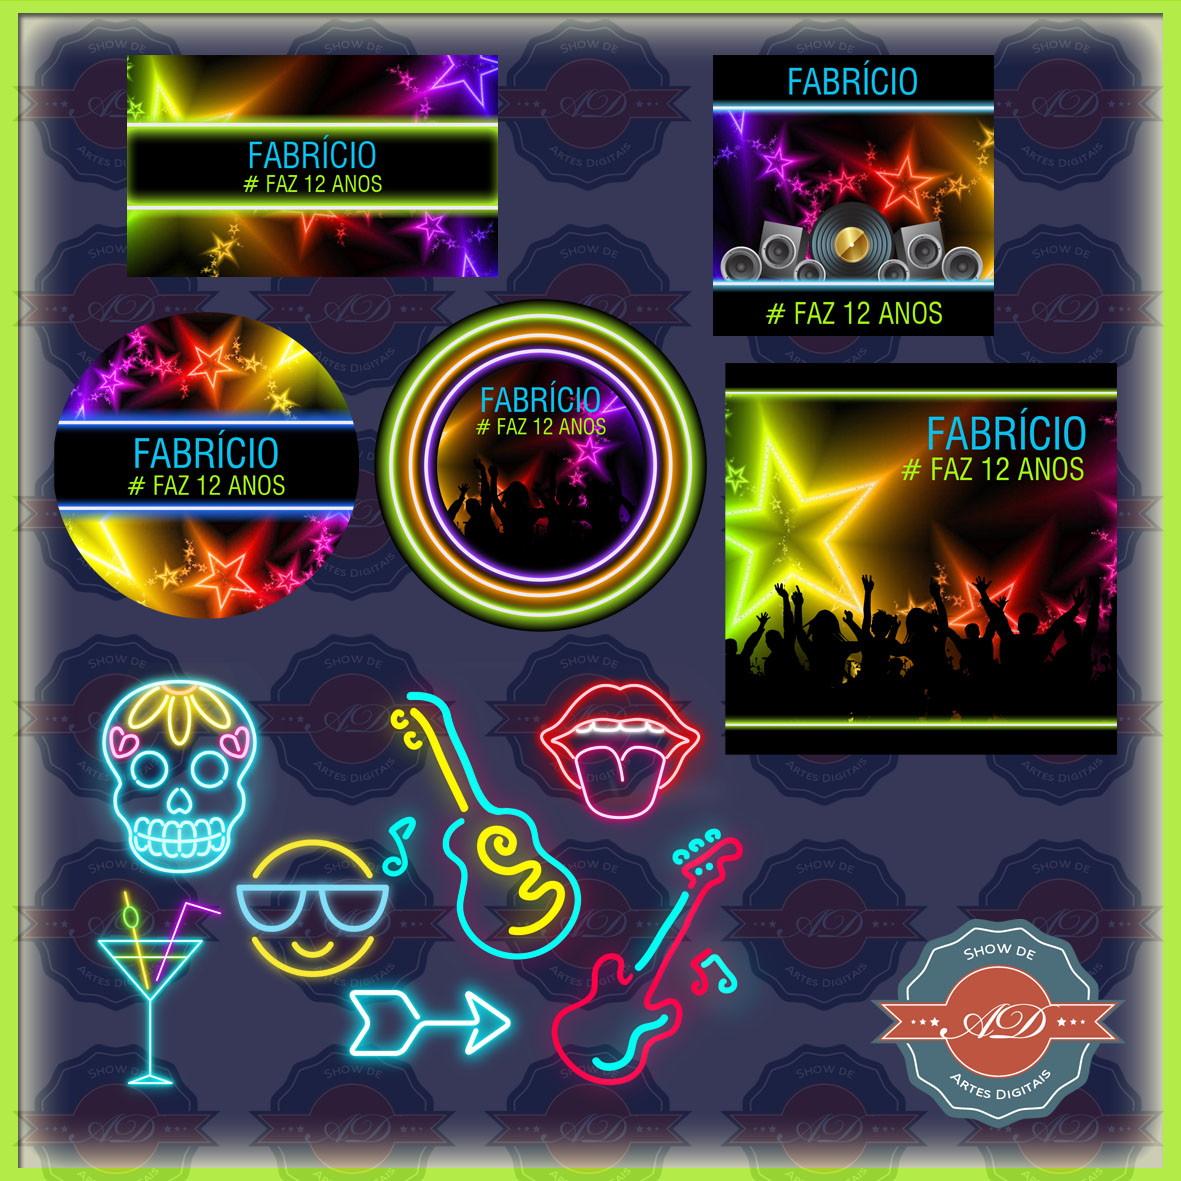 279519ad4 Kit Festa Digital Balada Neon no Elo7